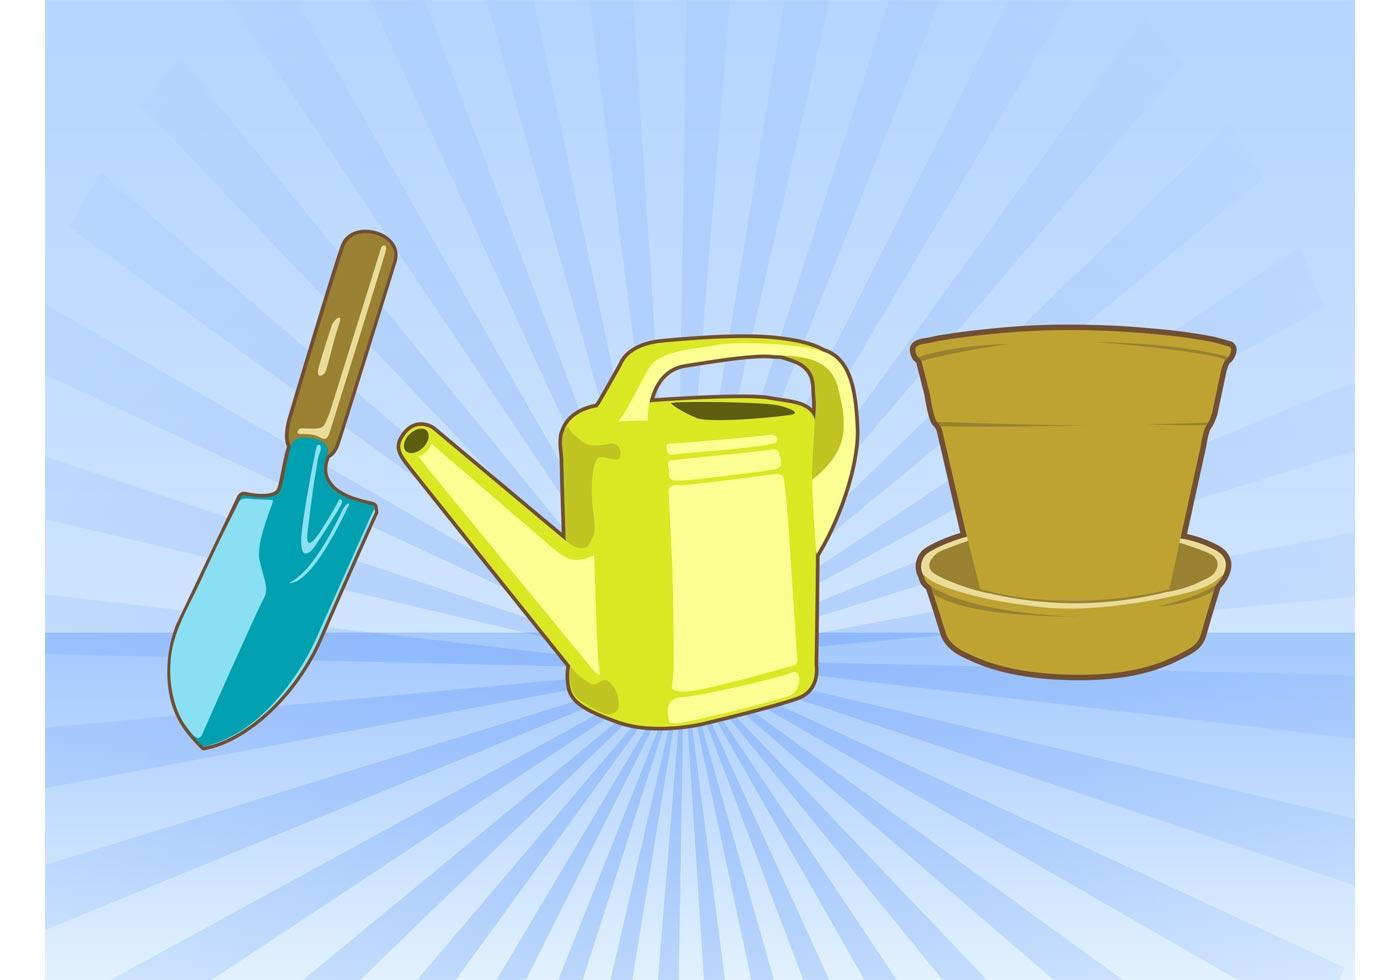 Garden tool free vector art 4594 free downloads for Gardening tools vector